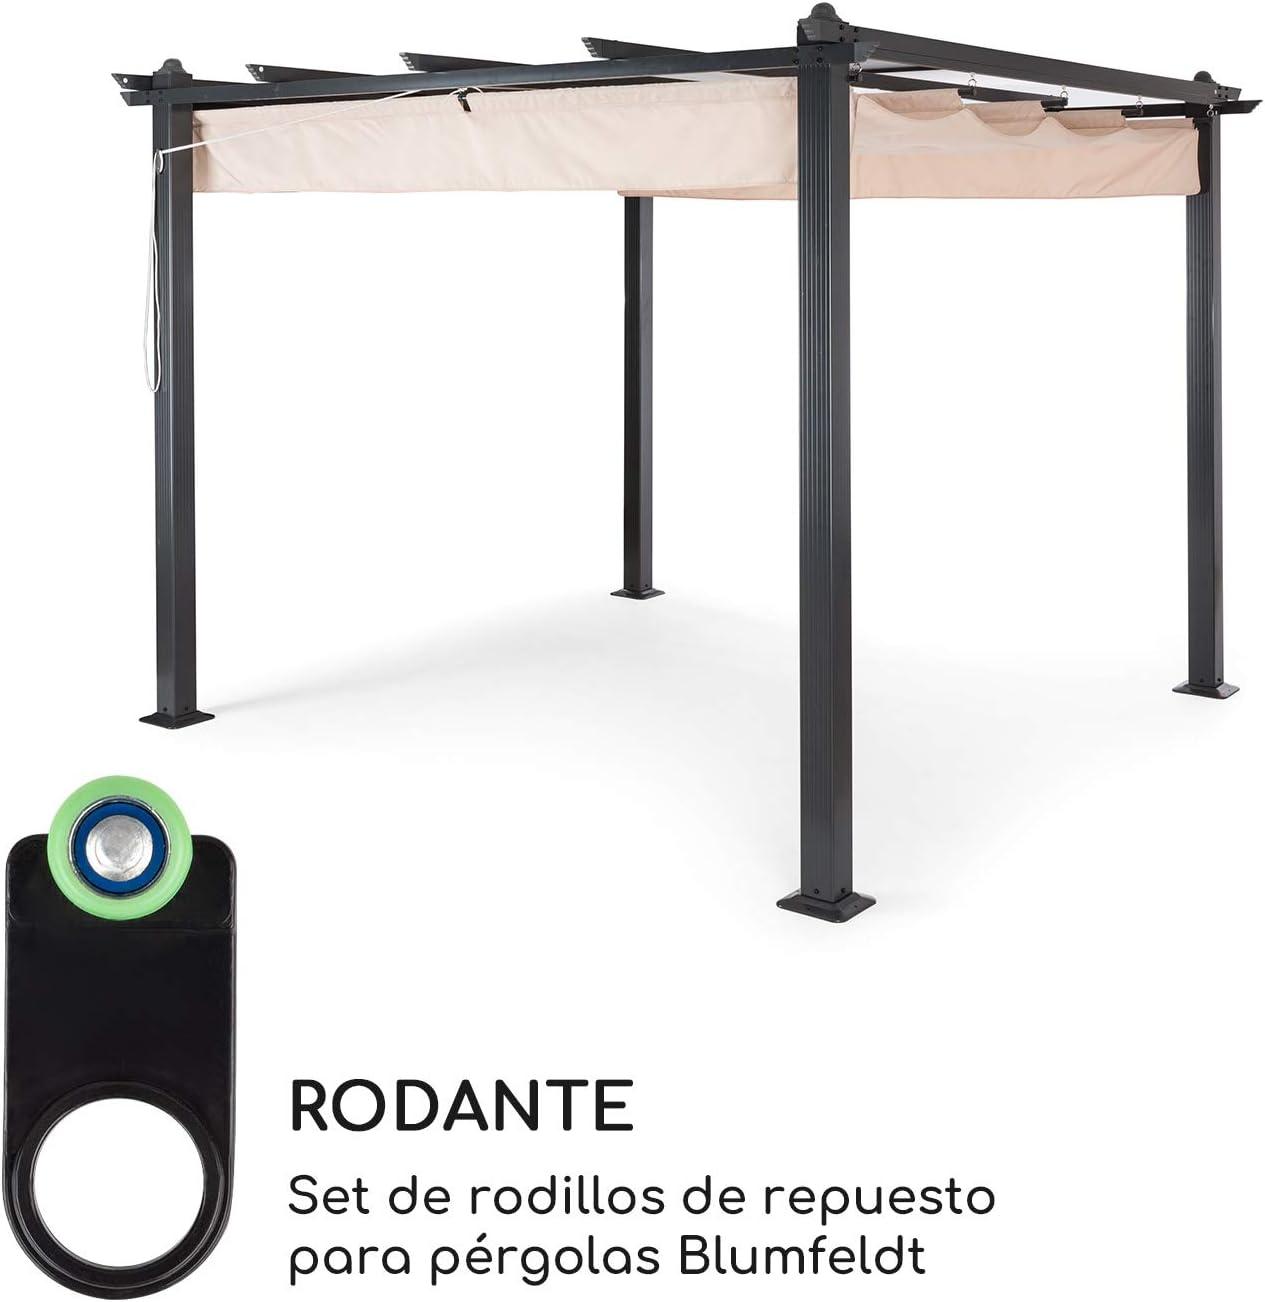 blumfeldt Set de ruedecillas Ganchos deslizantes para toldos 15 Unidades: Amazon.es: Jardín